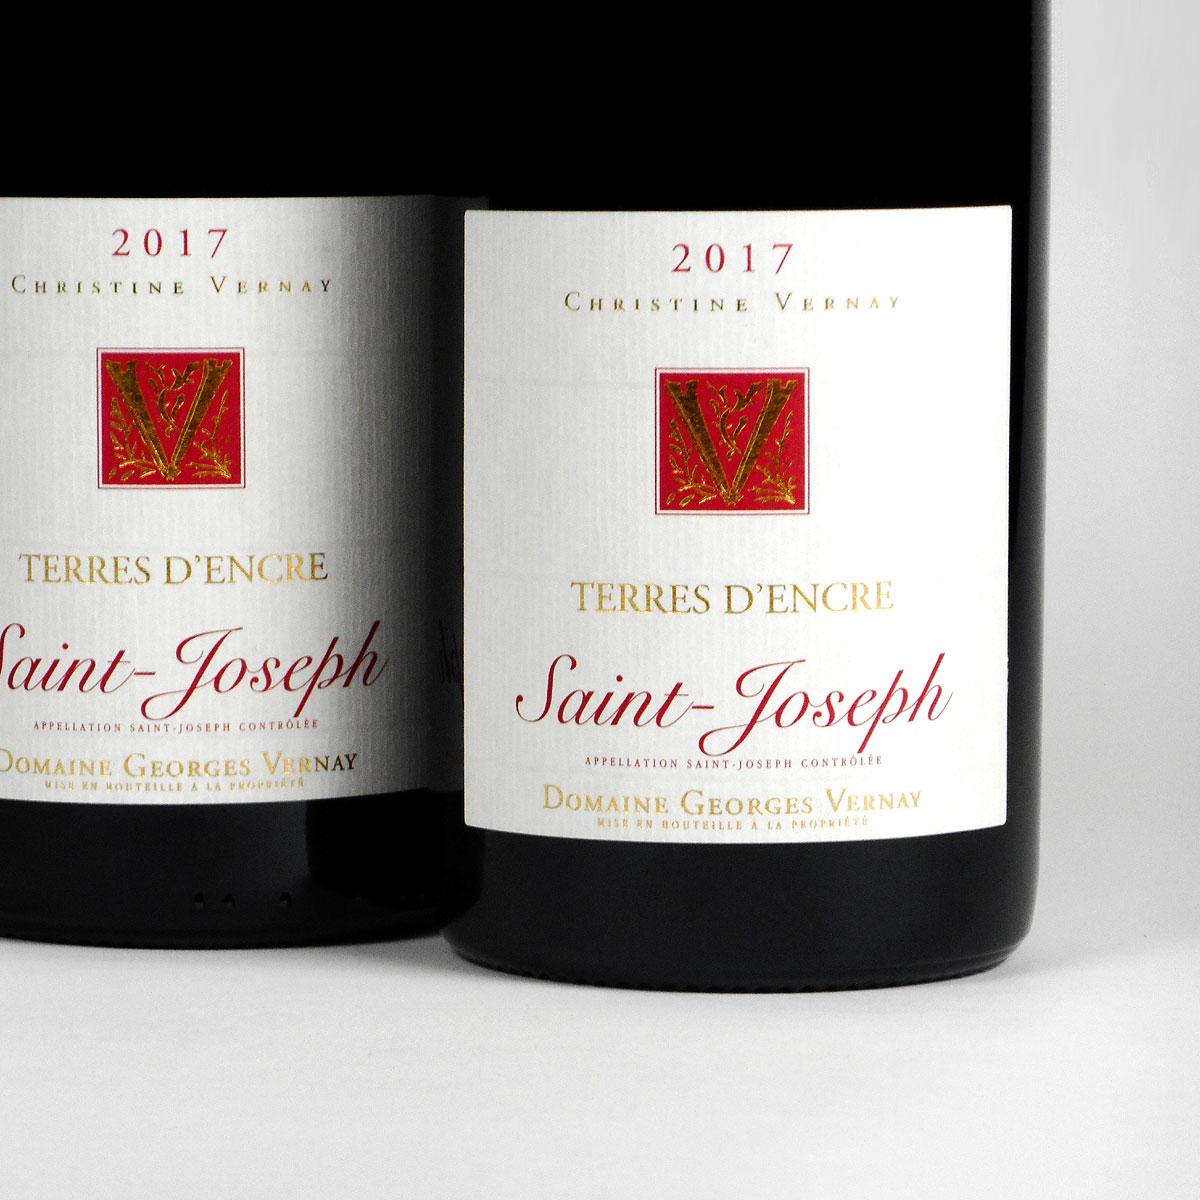 Saint-Joseph: Domaine Georges Vernay 'Terres d'Encre' 2017